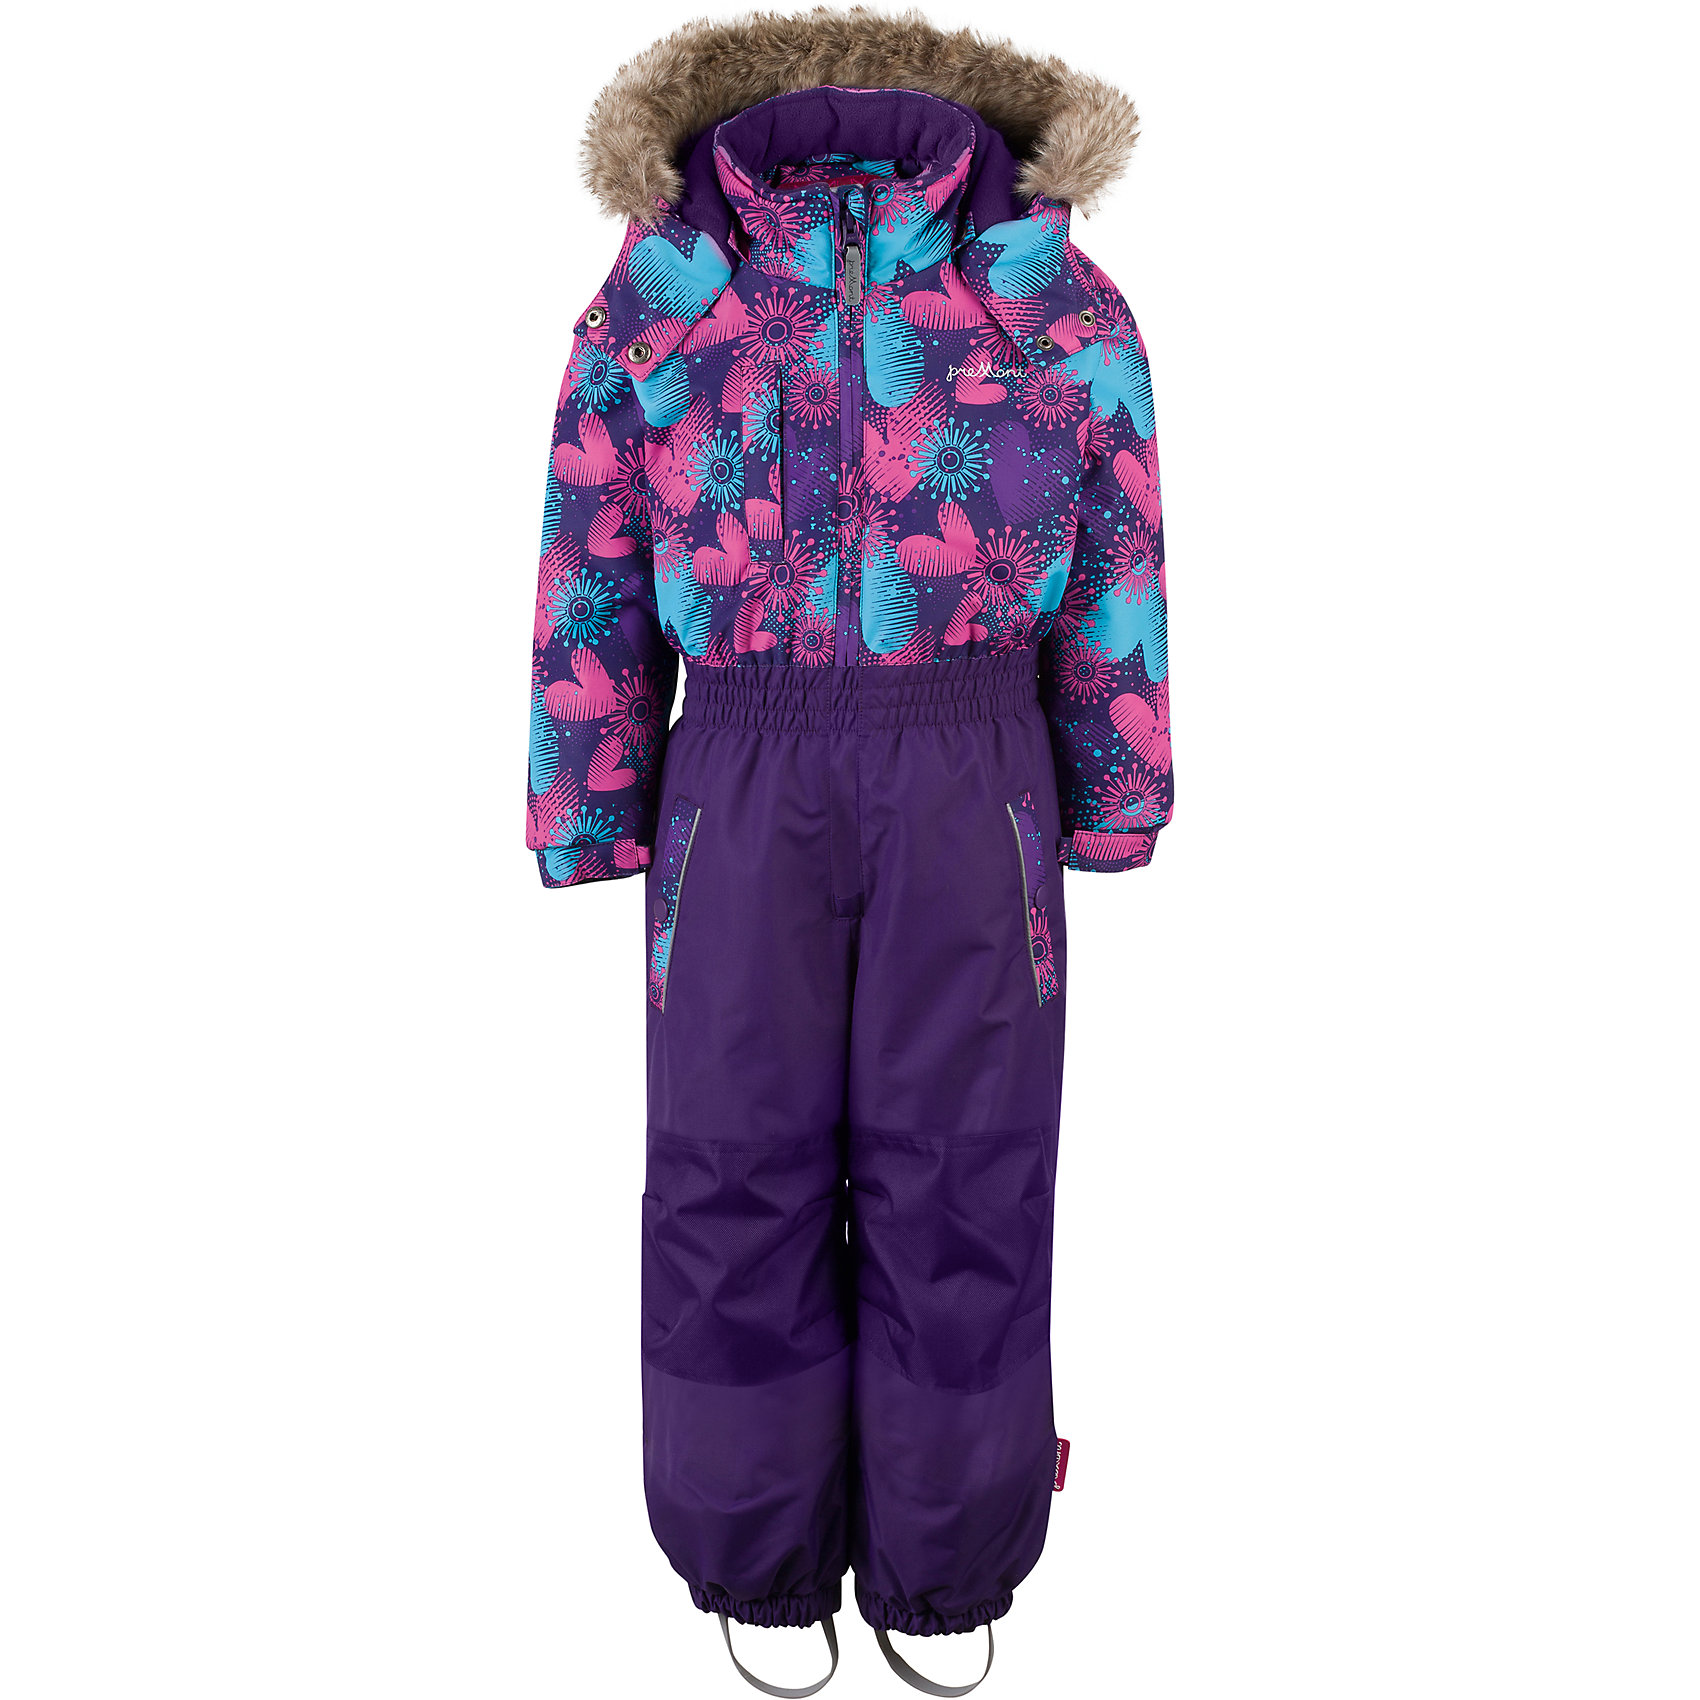 Комбинезон Premont для девочкиВерхняя одежда<br>Характеристики товара:<br><br>• цвет: сиреневый<br>• состав ткани: Taslan<br>• подкладка: Polar fleece, Taffeta<br>• утеплитель: Tech-polyfill<br>• сезон: зима<br>• мембранное покрытие<br>• температурный режим: от -20 до +5<br>• водонепроницаемость: 5000 мм <br>• паропроницаемость: 5000 г/м2<br>• плотность утеплителя: 20 г/м2<br>• капюшон: съемный<br>• искусственный мех на капюшоне отстегивается<br>• застежка: молния<br>• страна бренда: Канада<br>• страна изготовитель: Китай<br><br>Мягкая и теплая подкладка комбинезона для детей делает его очень комфортным.  Мембранный комбинезон для ребенка отличается удобным капюшоном с отстегивающимся мехом и регулировкой. Детский теплый комбинезон дополнен удобными карманами на липучках. Мембранный детский комбинезон легко надевается и снимается благодаря удлиненной молнии. <br><br>Комбинезон для девочки Premont (Премонт) можно купить в нашем интернет-магазине.<br><br>Ширина мм: 356<br>Глубина мм: 10<br>Высота мм: 245<br>Вес г: 519<br>Цвет: фиолетовый<br>Возраст от месяцев: 18<br>Возраст до месяцев: 24<br>Пол: Женский<br>Возраст: Детский<br>Размер: 92,128,122,116,110,104,98<br>SKU: 7088104